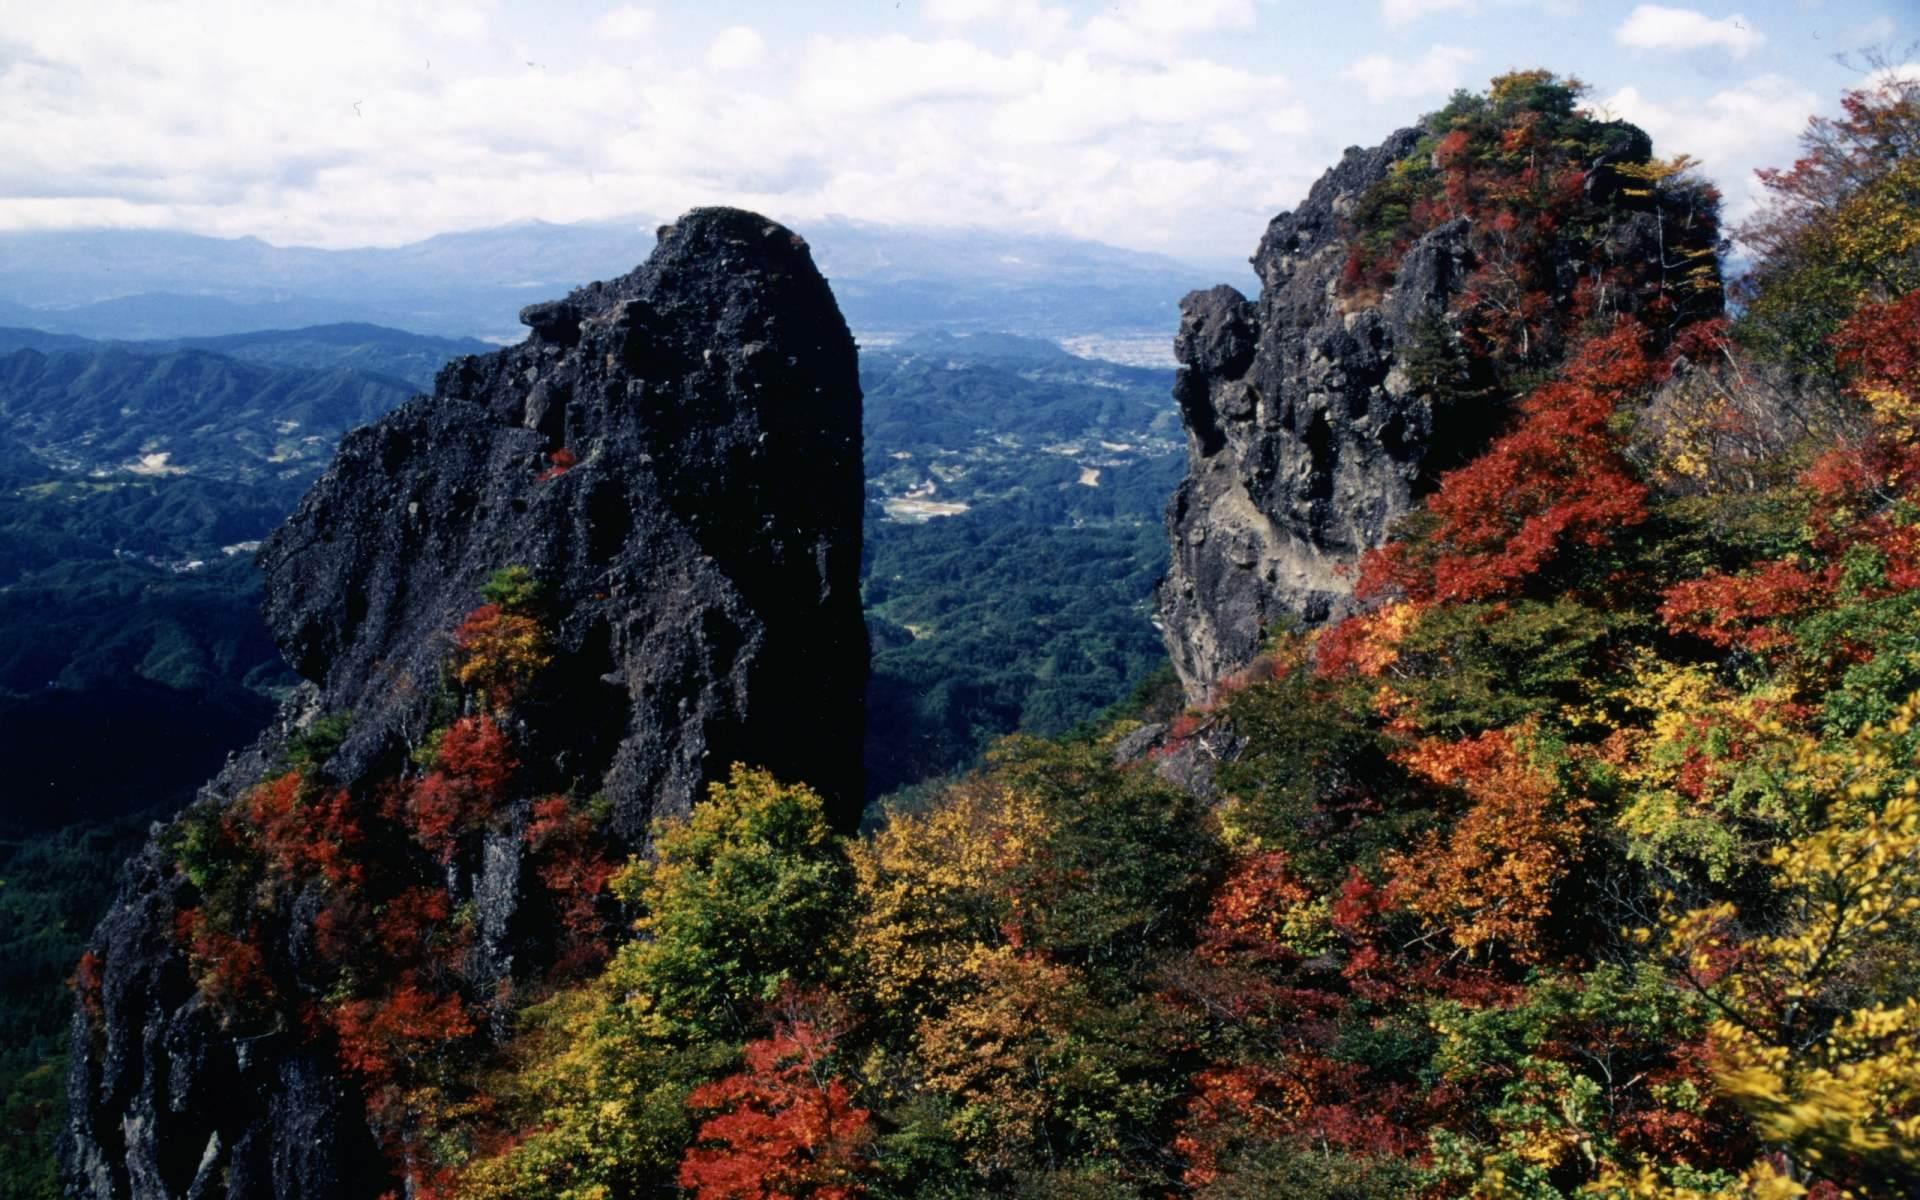 一邊登山,一邊欣賞奇岩怪石和紅葉的美景♪